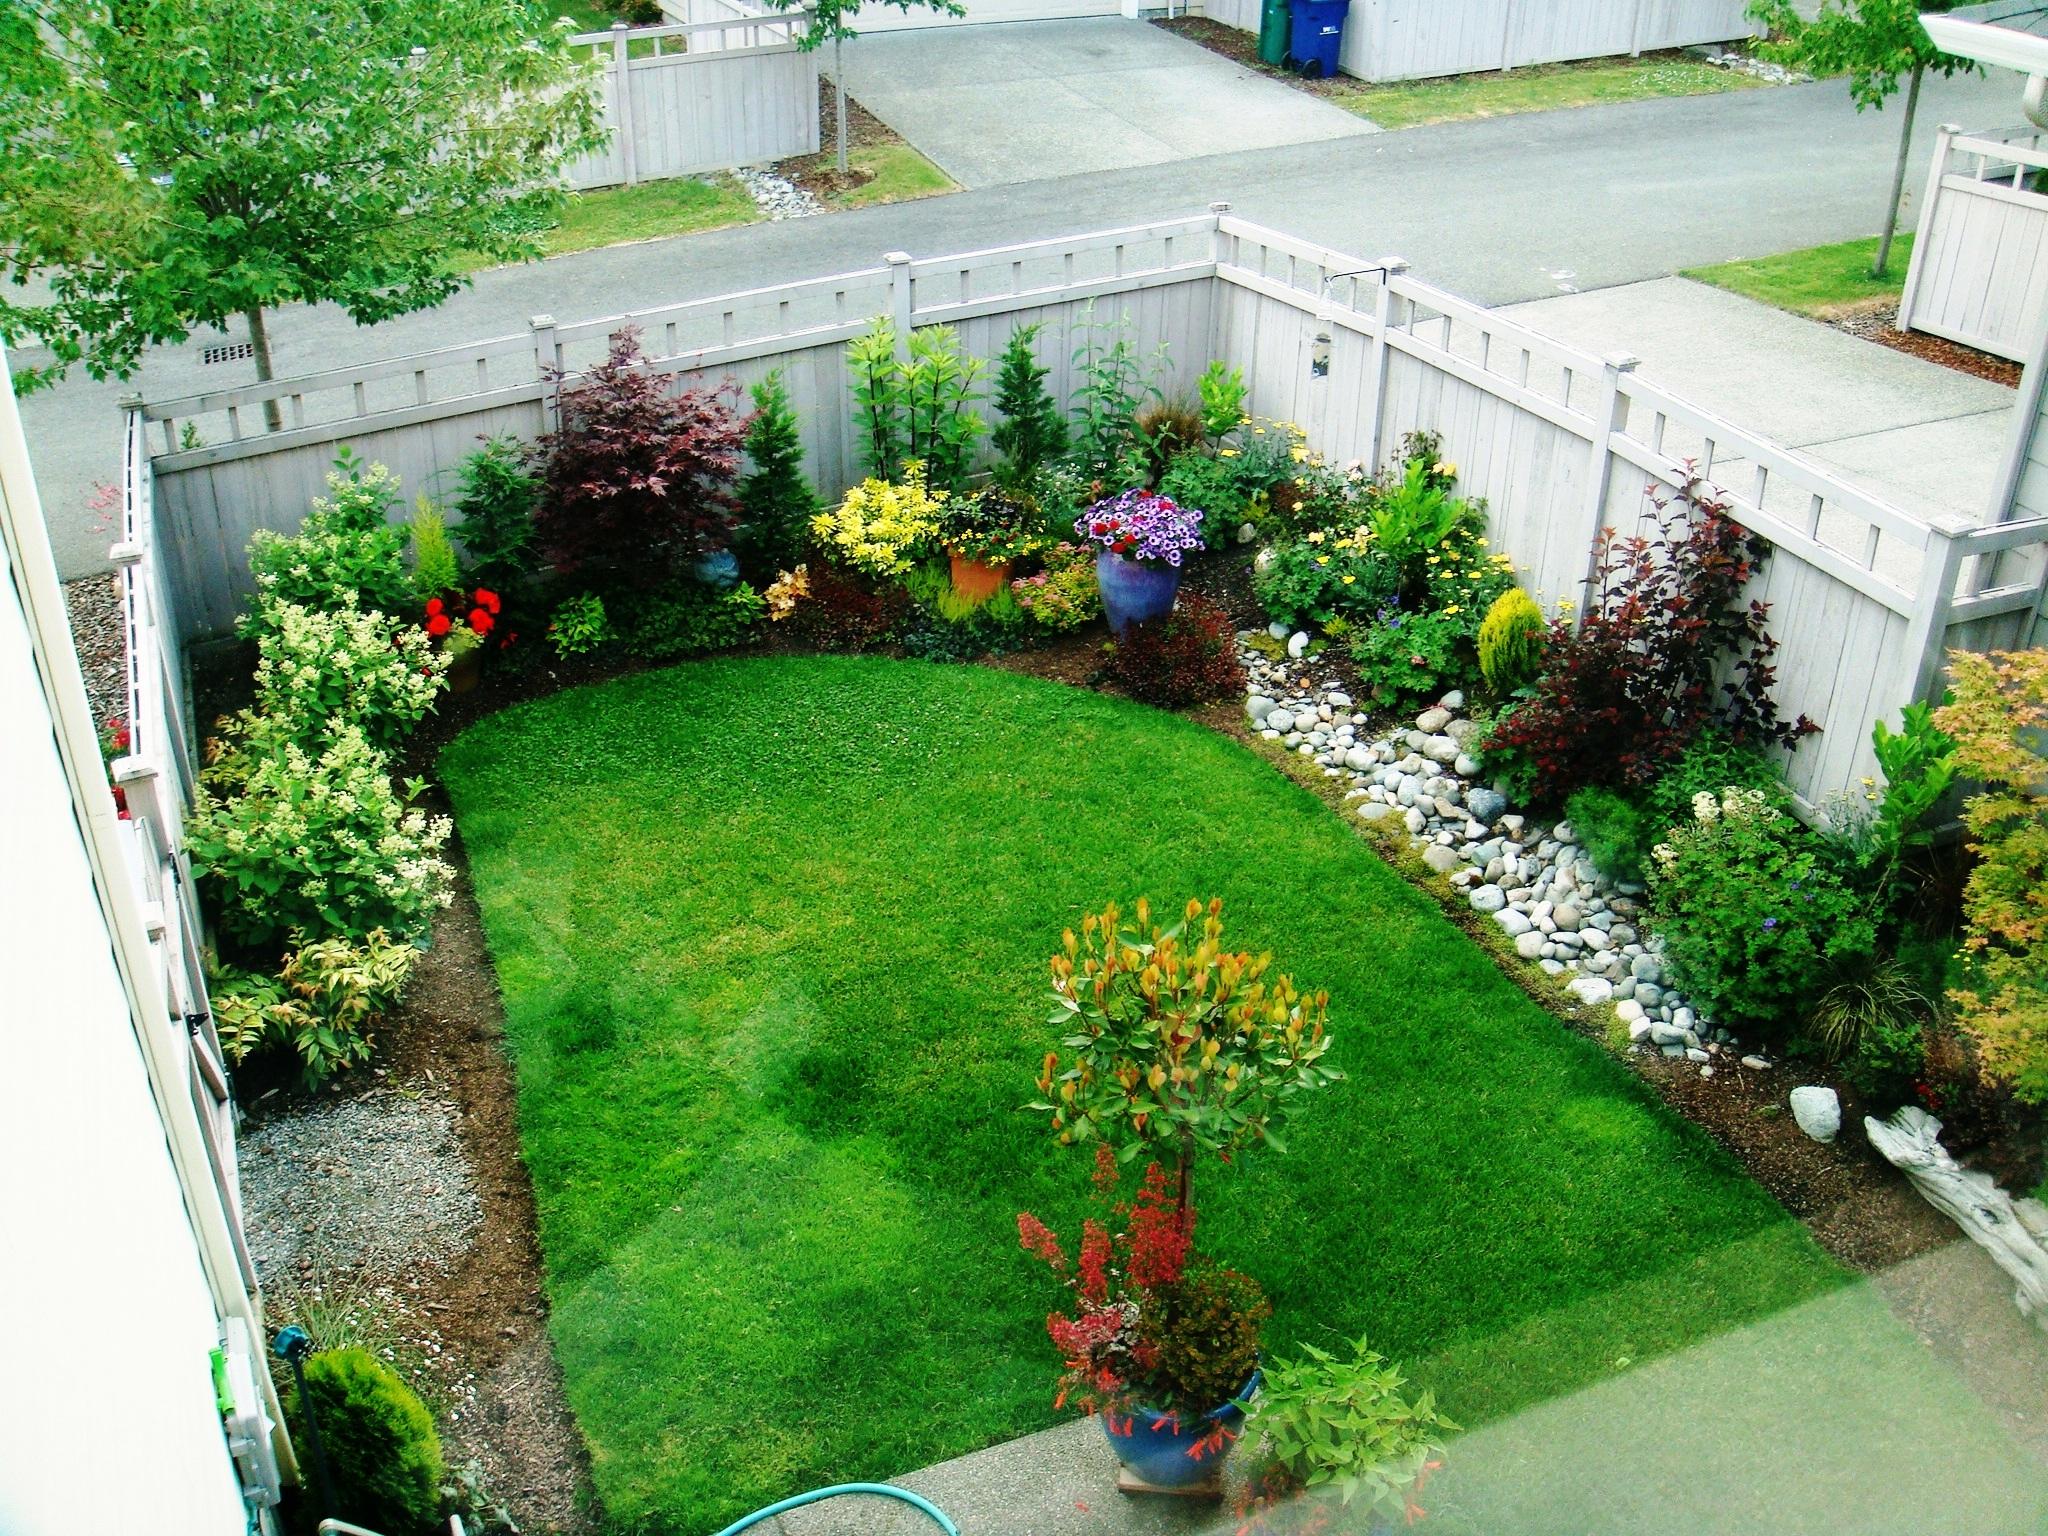 Enjoying a smaller garden